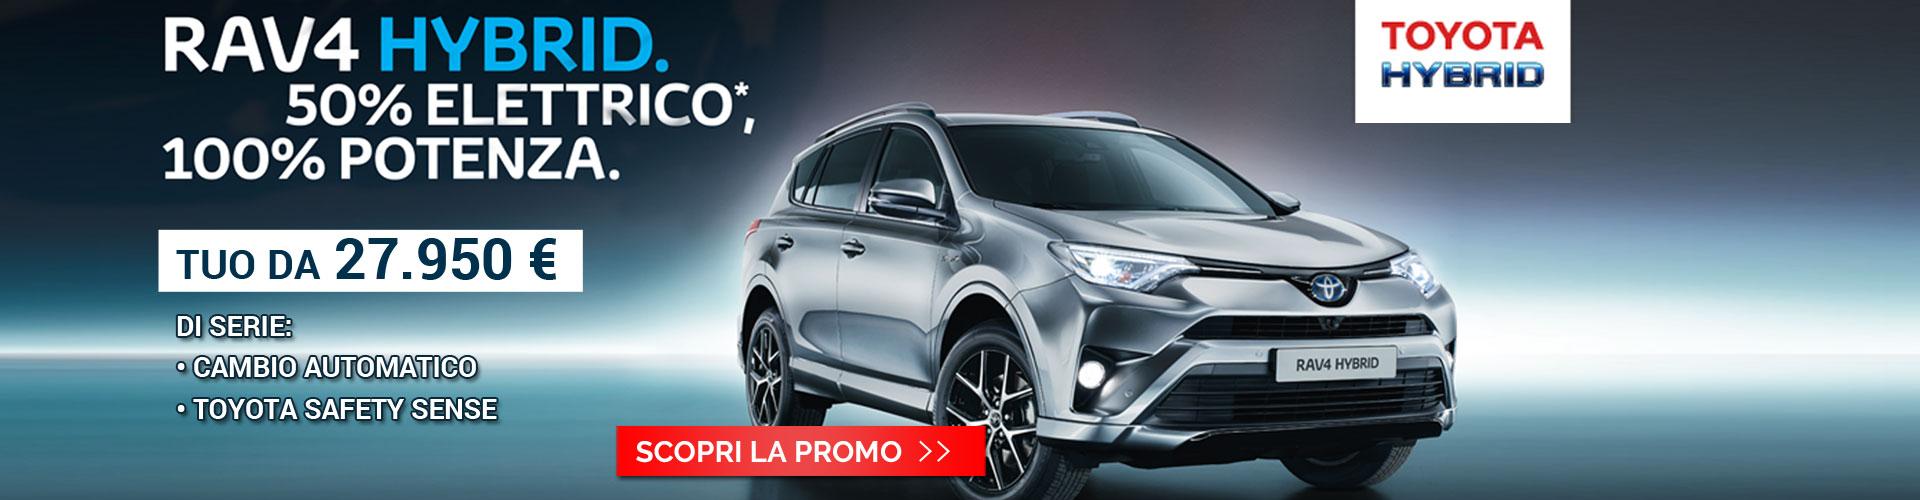 Promo RAV4 Hybrid Toyota Torino